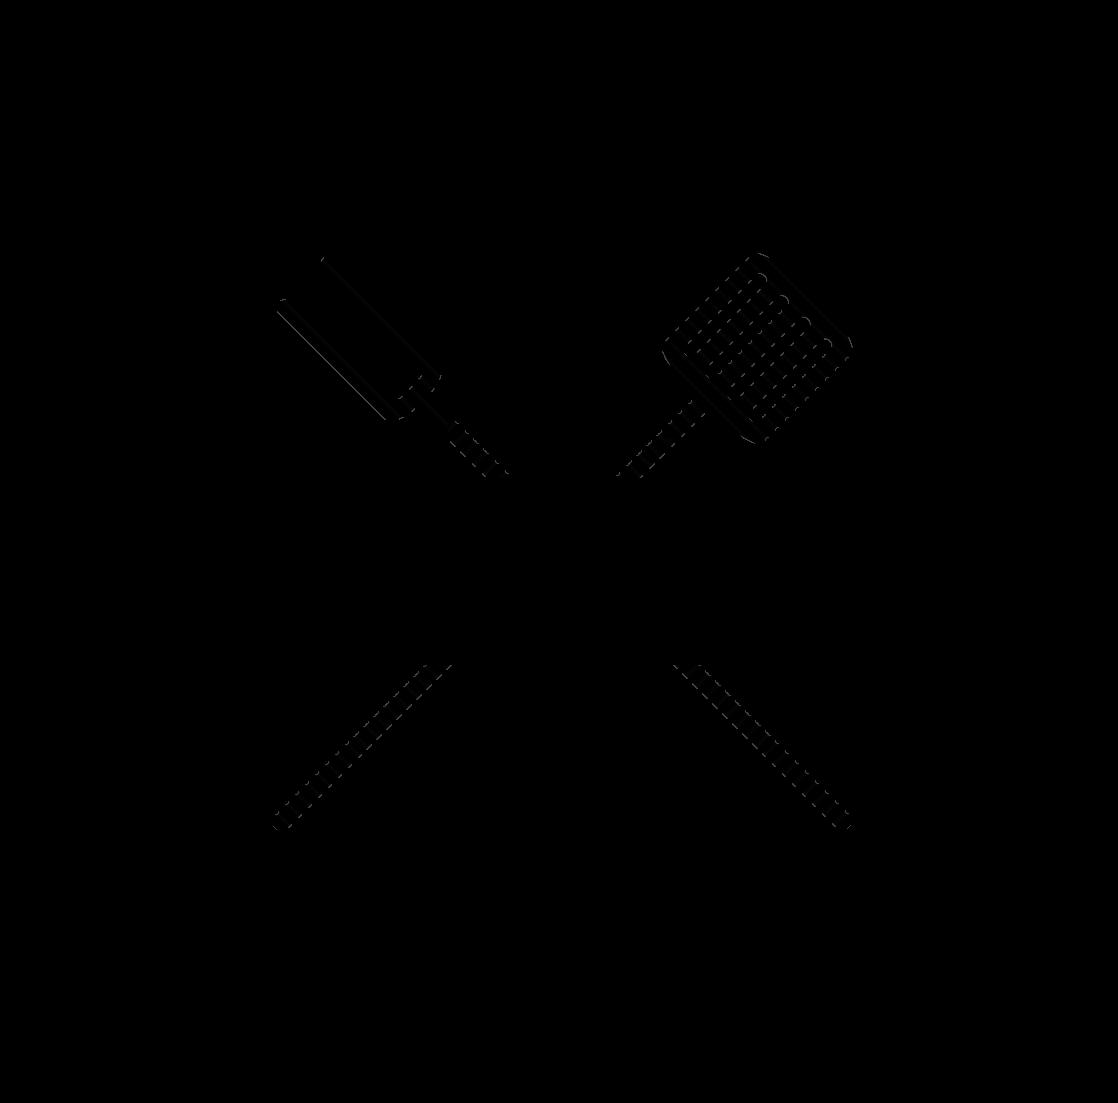 LOGO-ATELIER-833-VECTOR.png